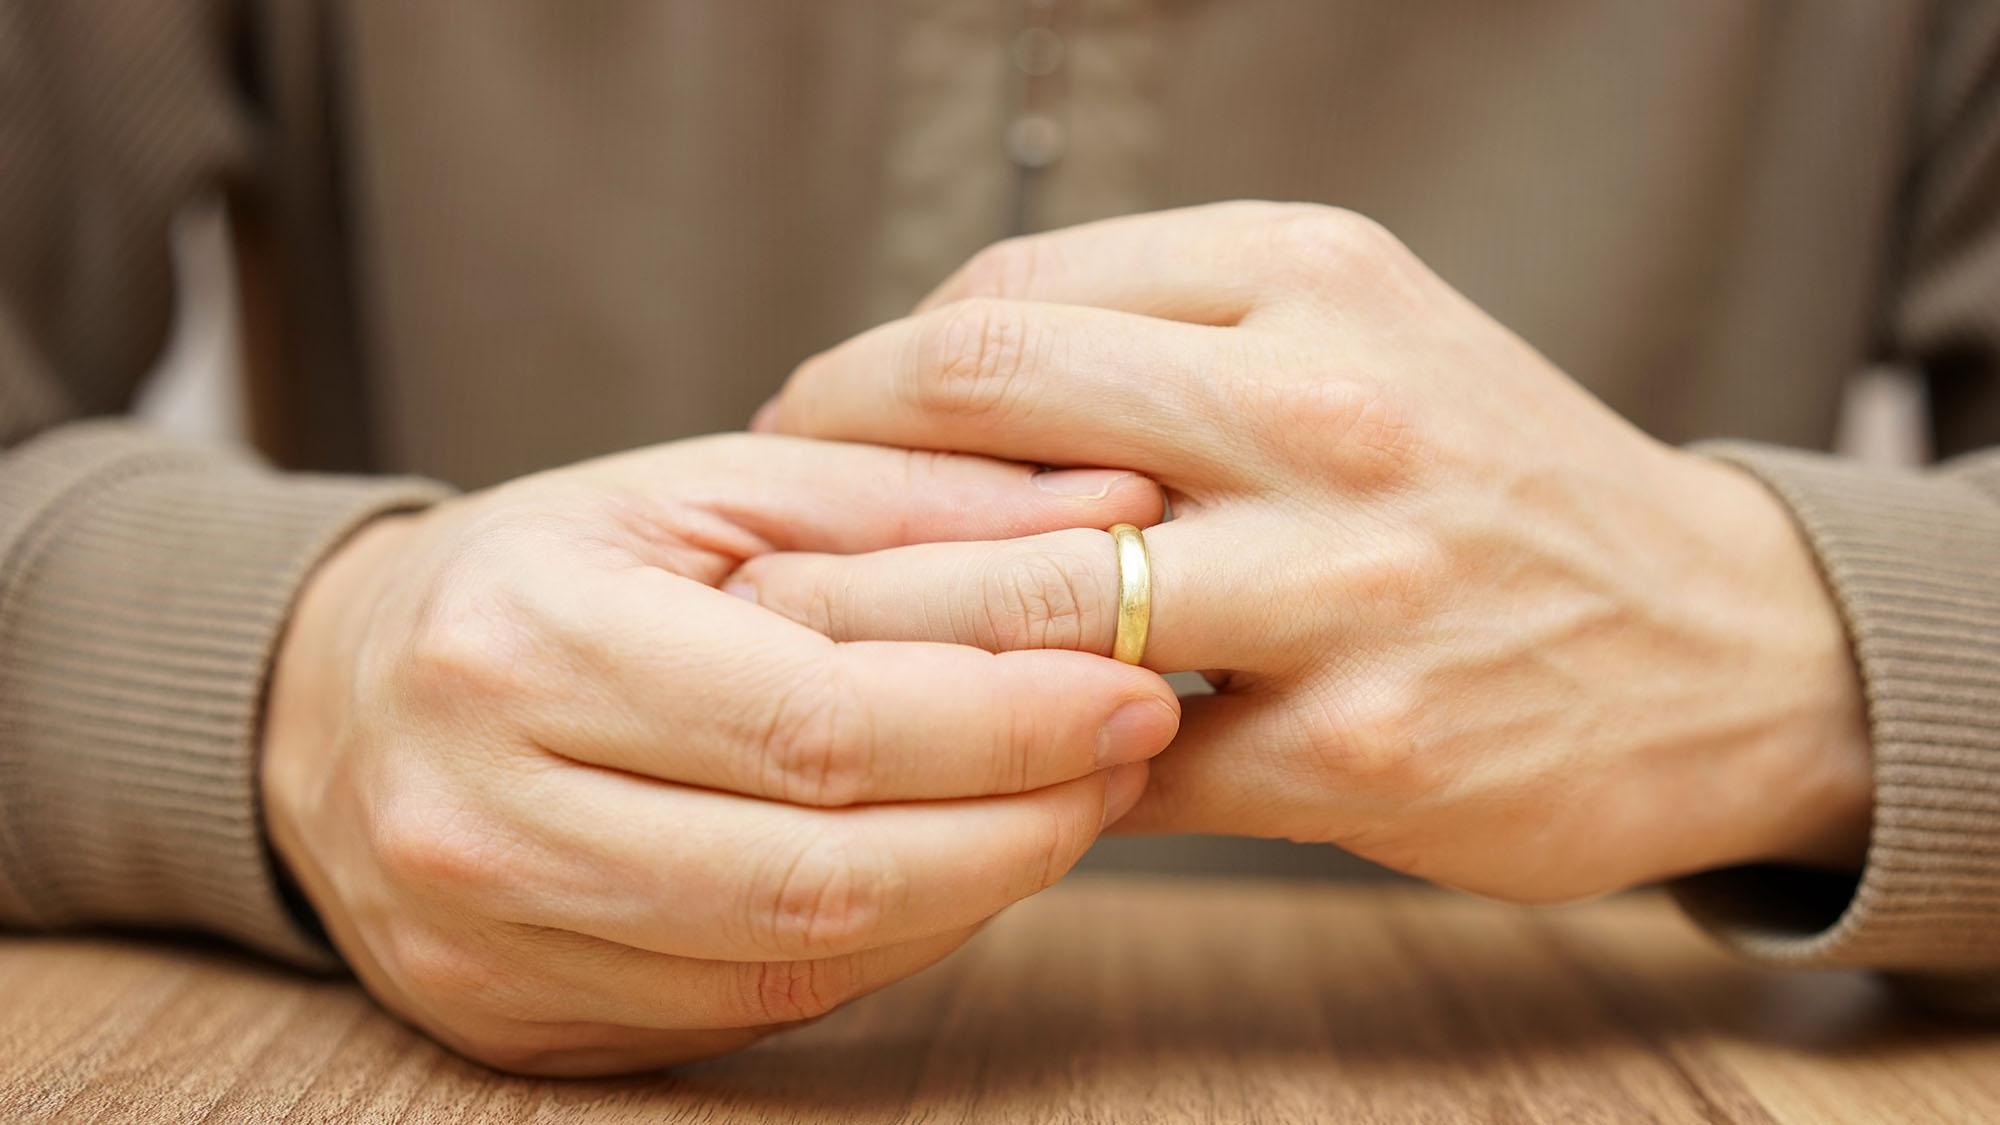 пищевую разрушение брака картинки которого избытке хватало